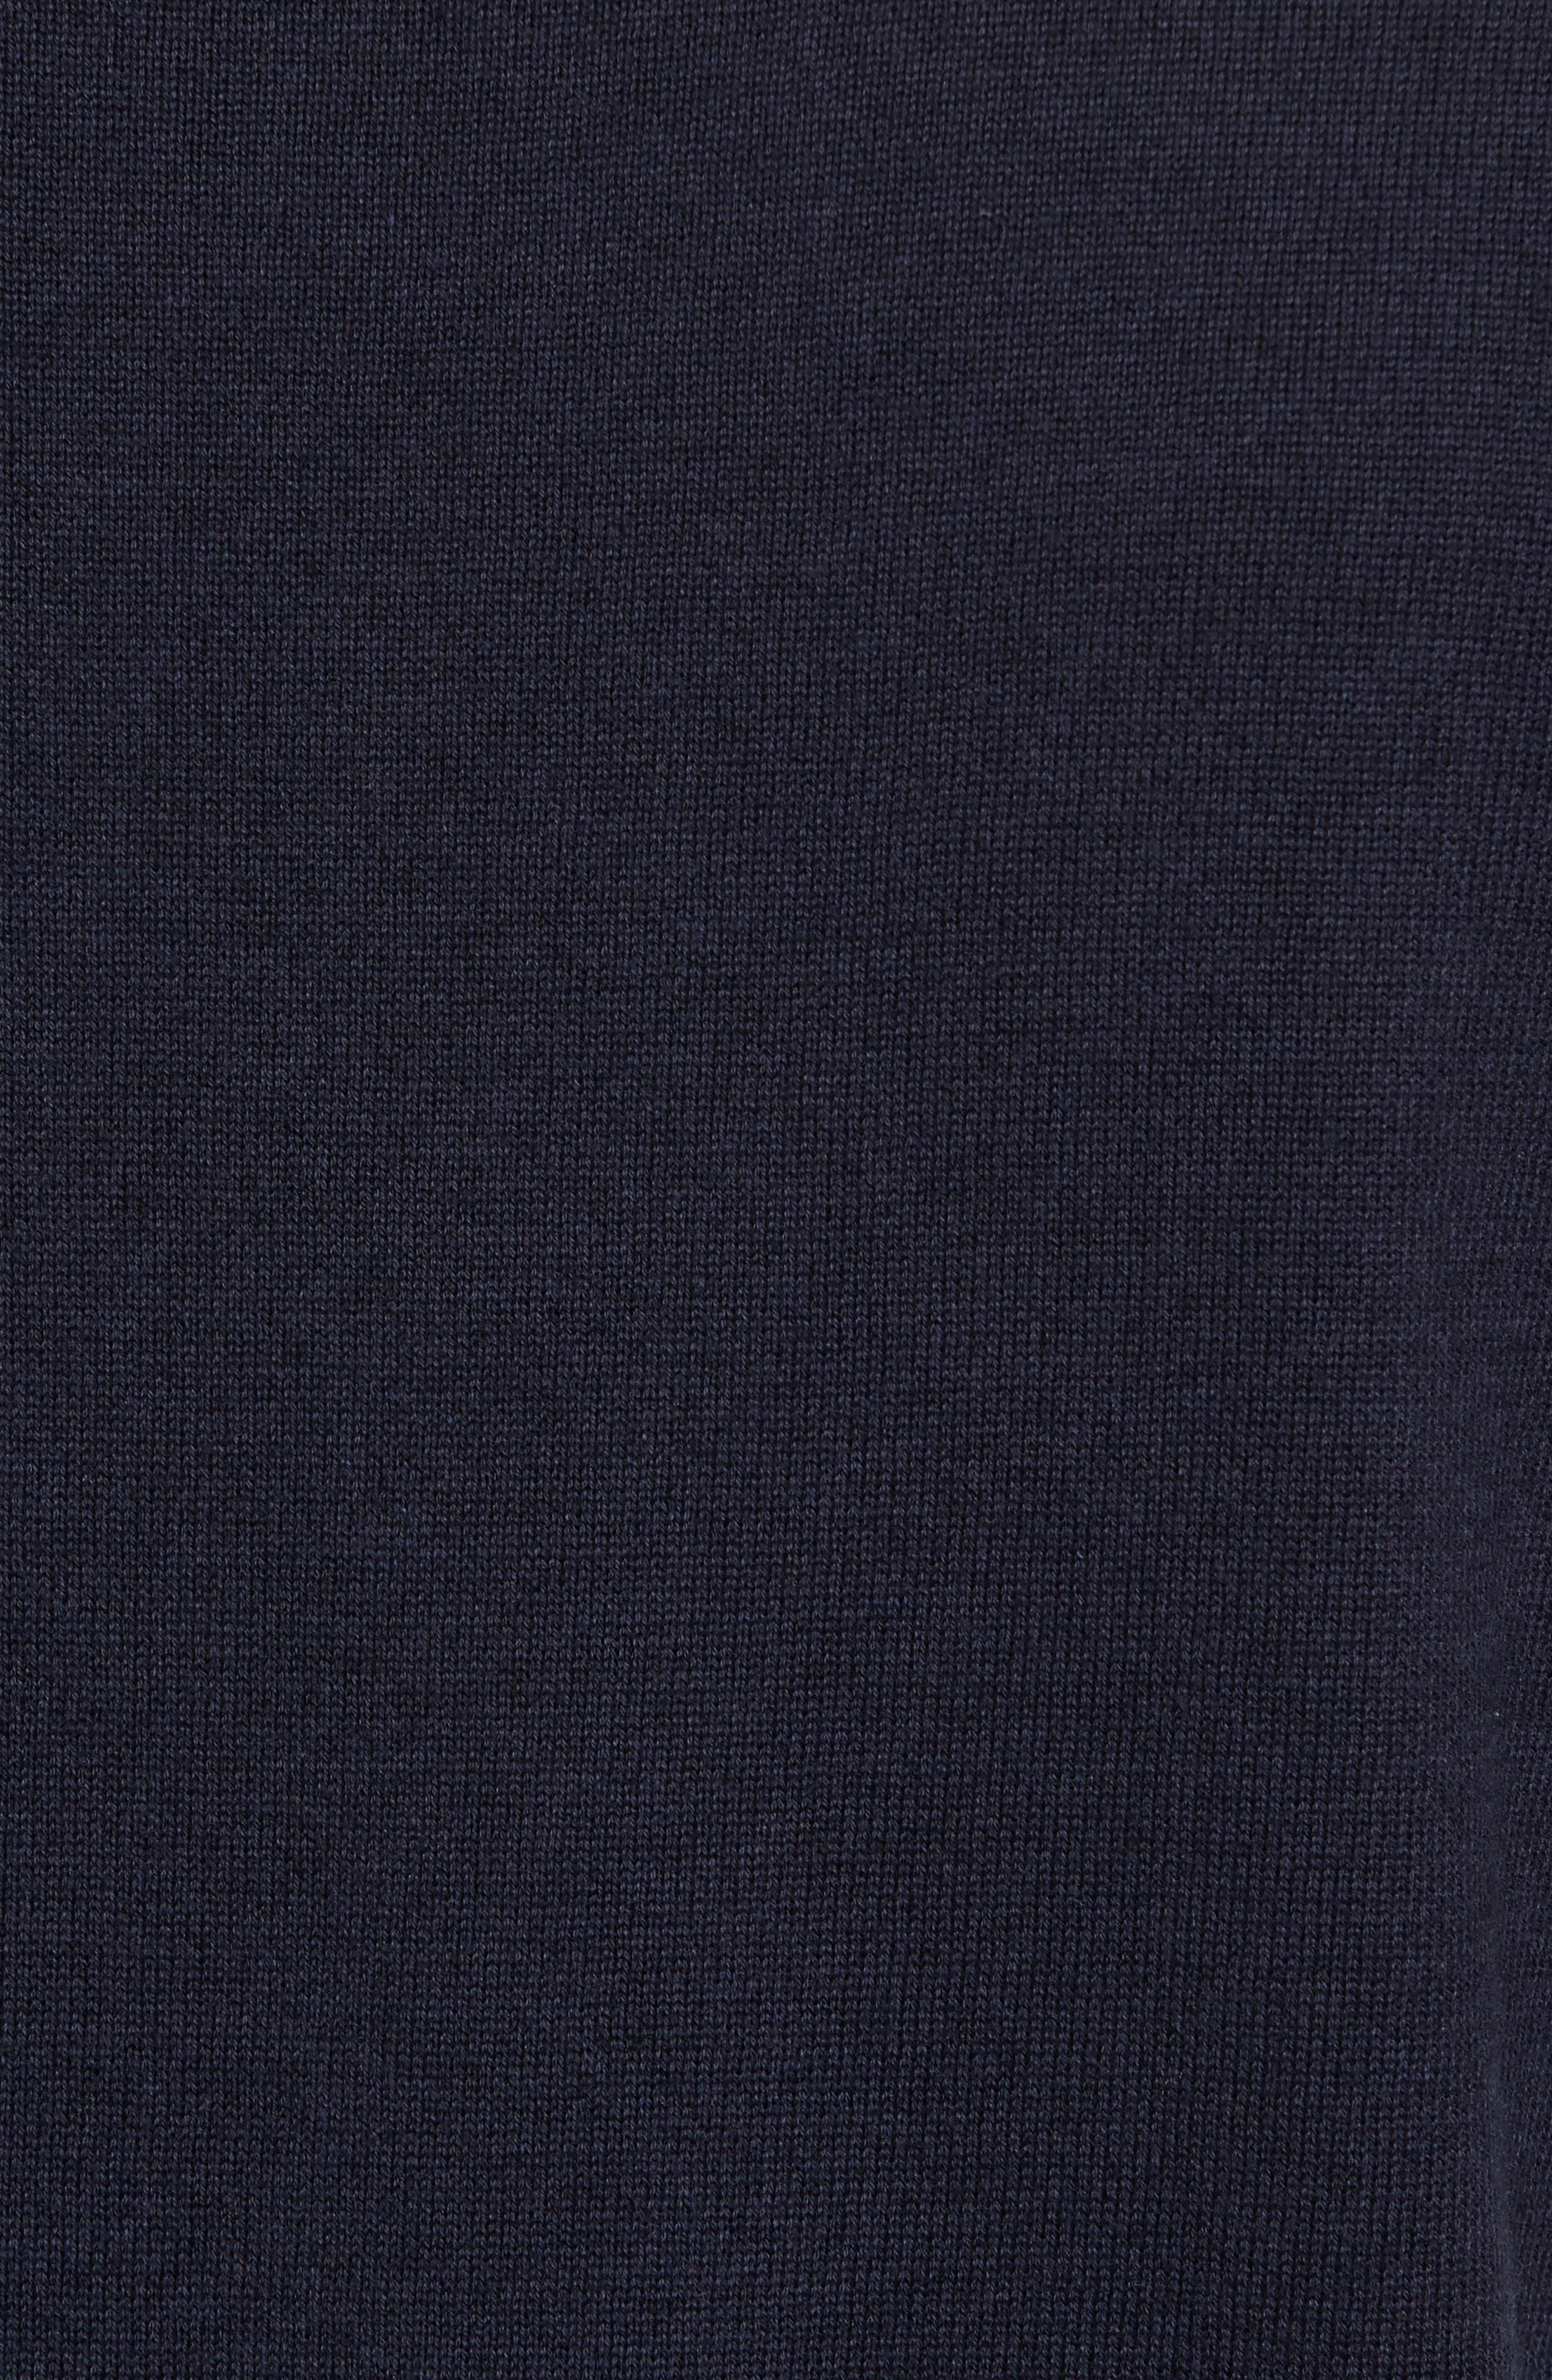 Portrait Crewneck Sweater,                             Alternate thumbnail 5, color,                             Marine Blue